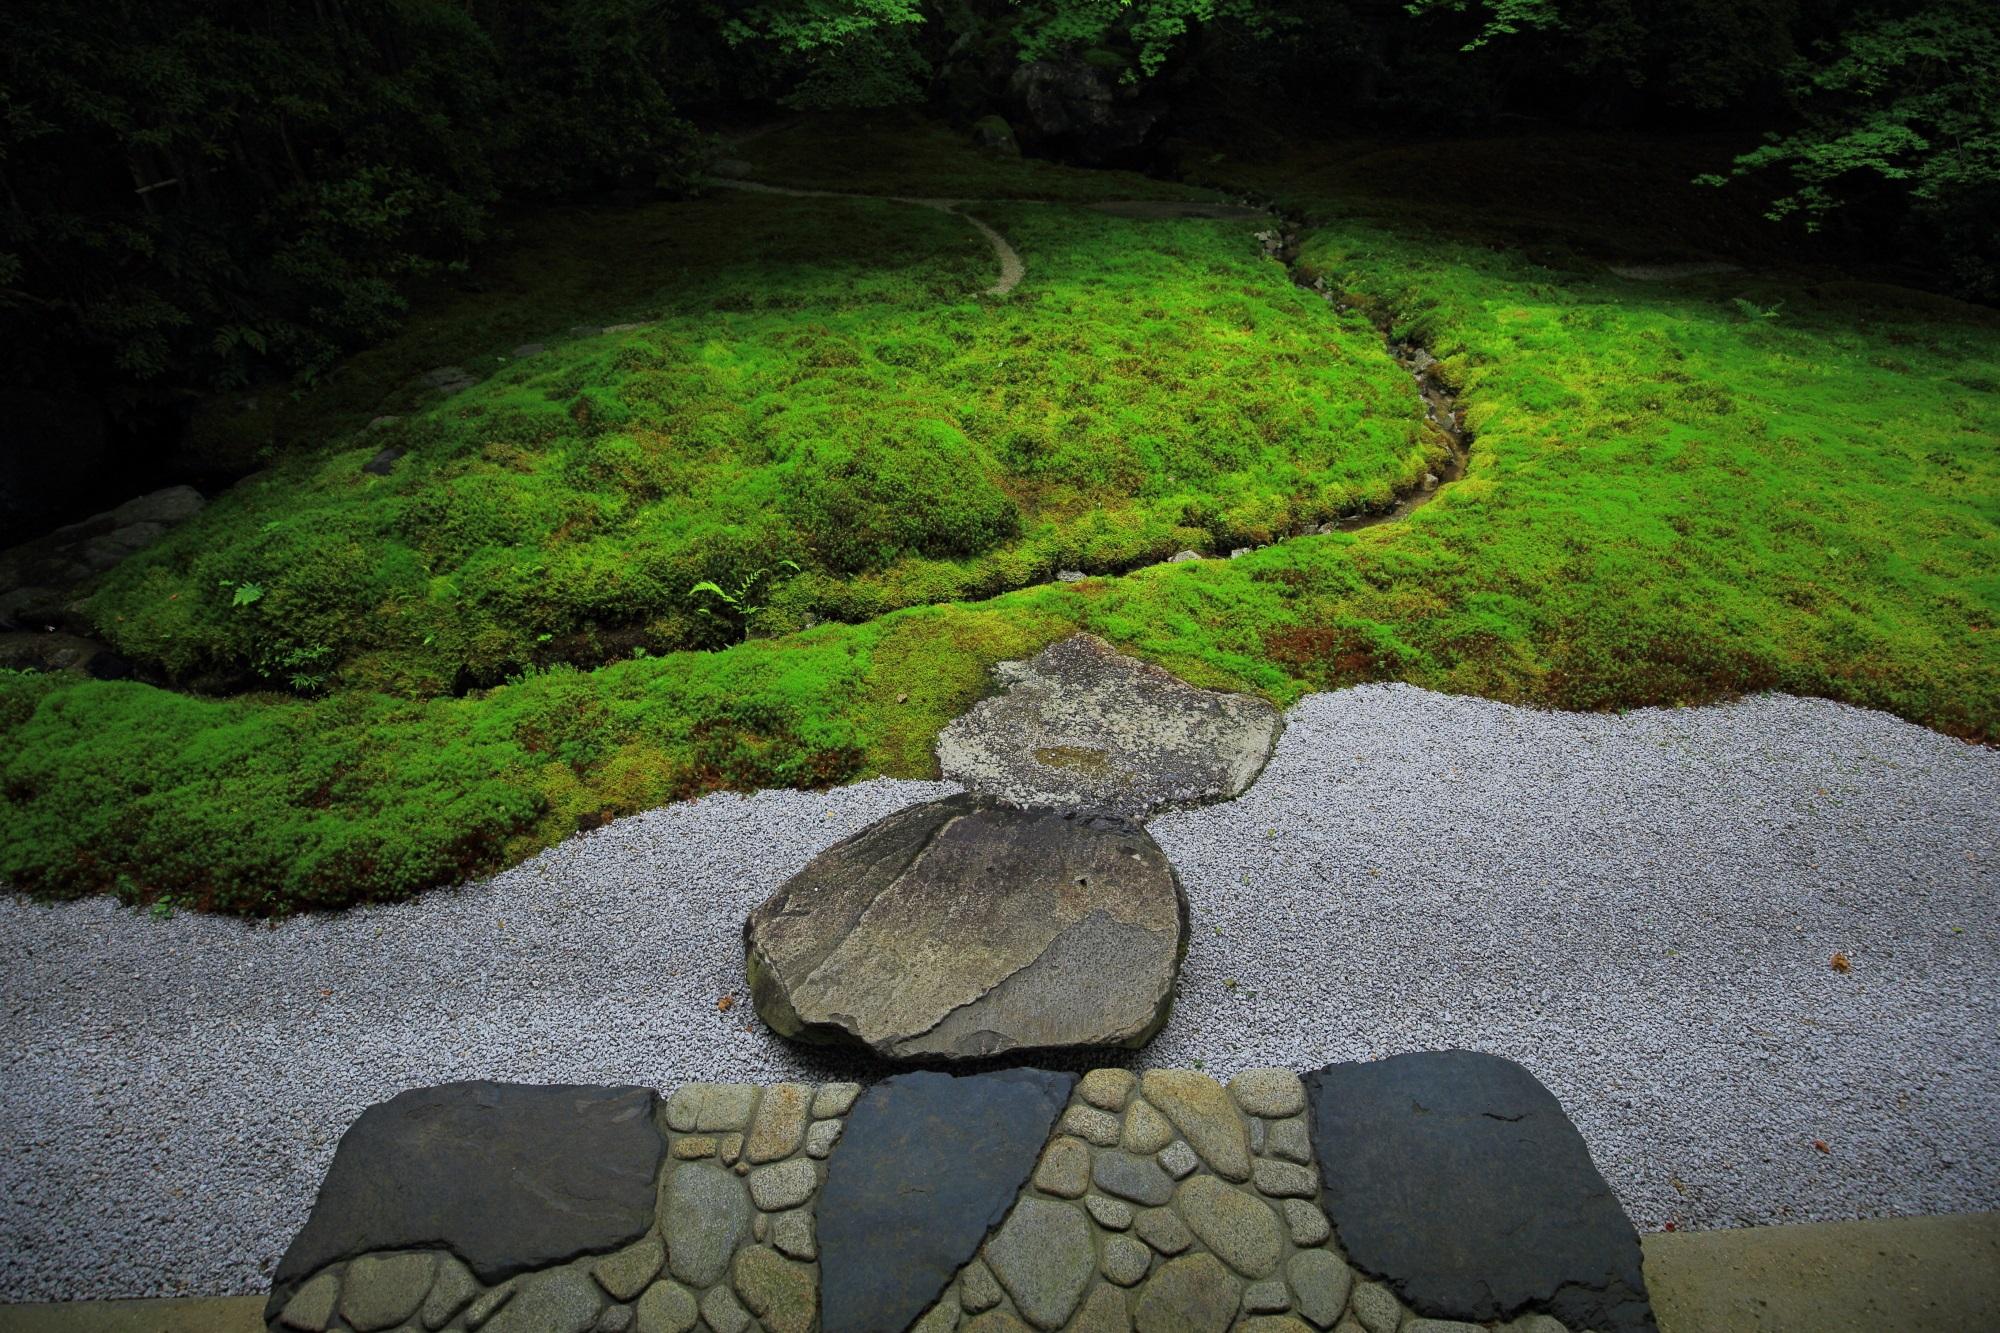 瑠璃光院の風情ある美しい瑠璃の庭